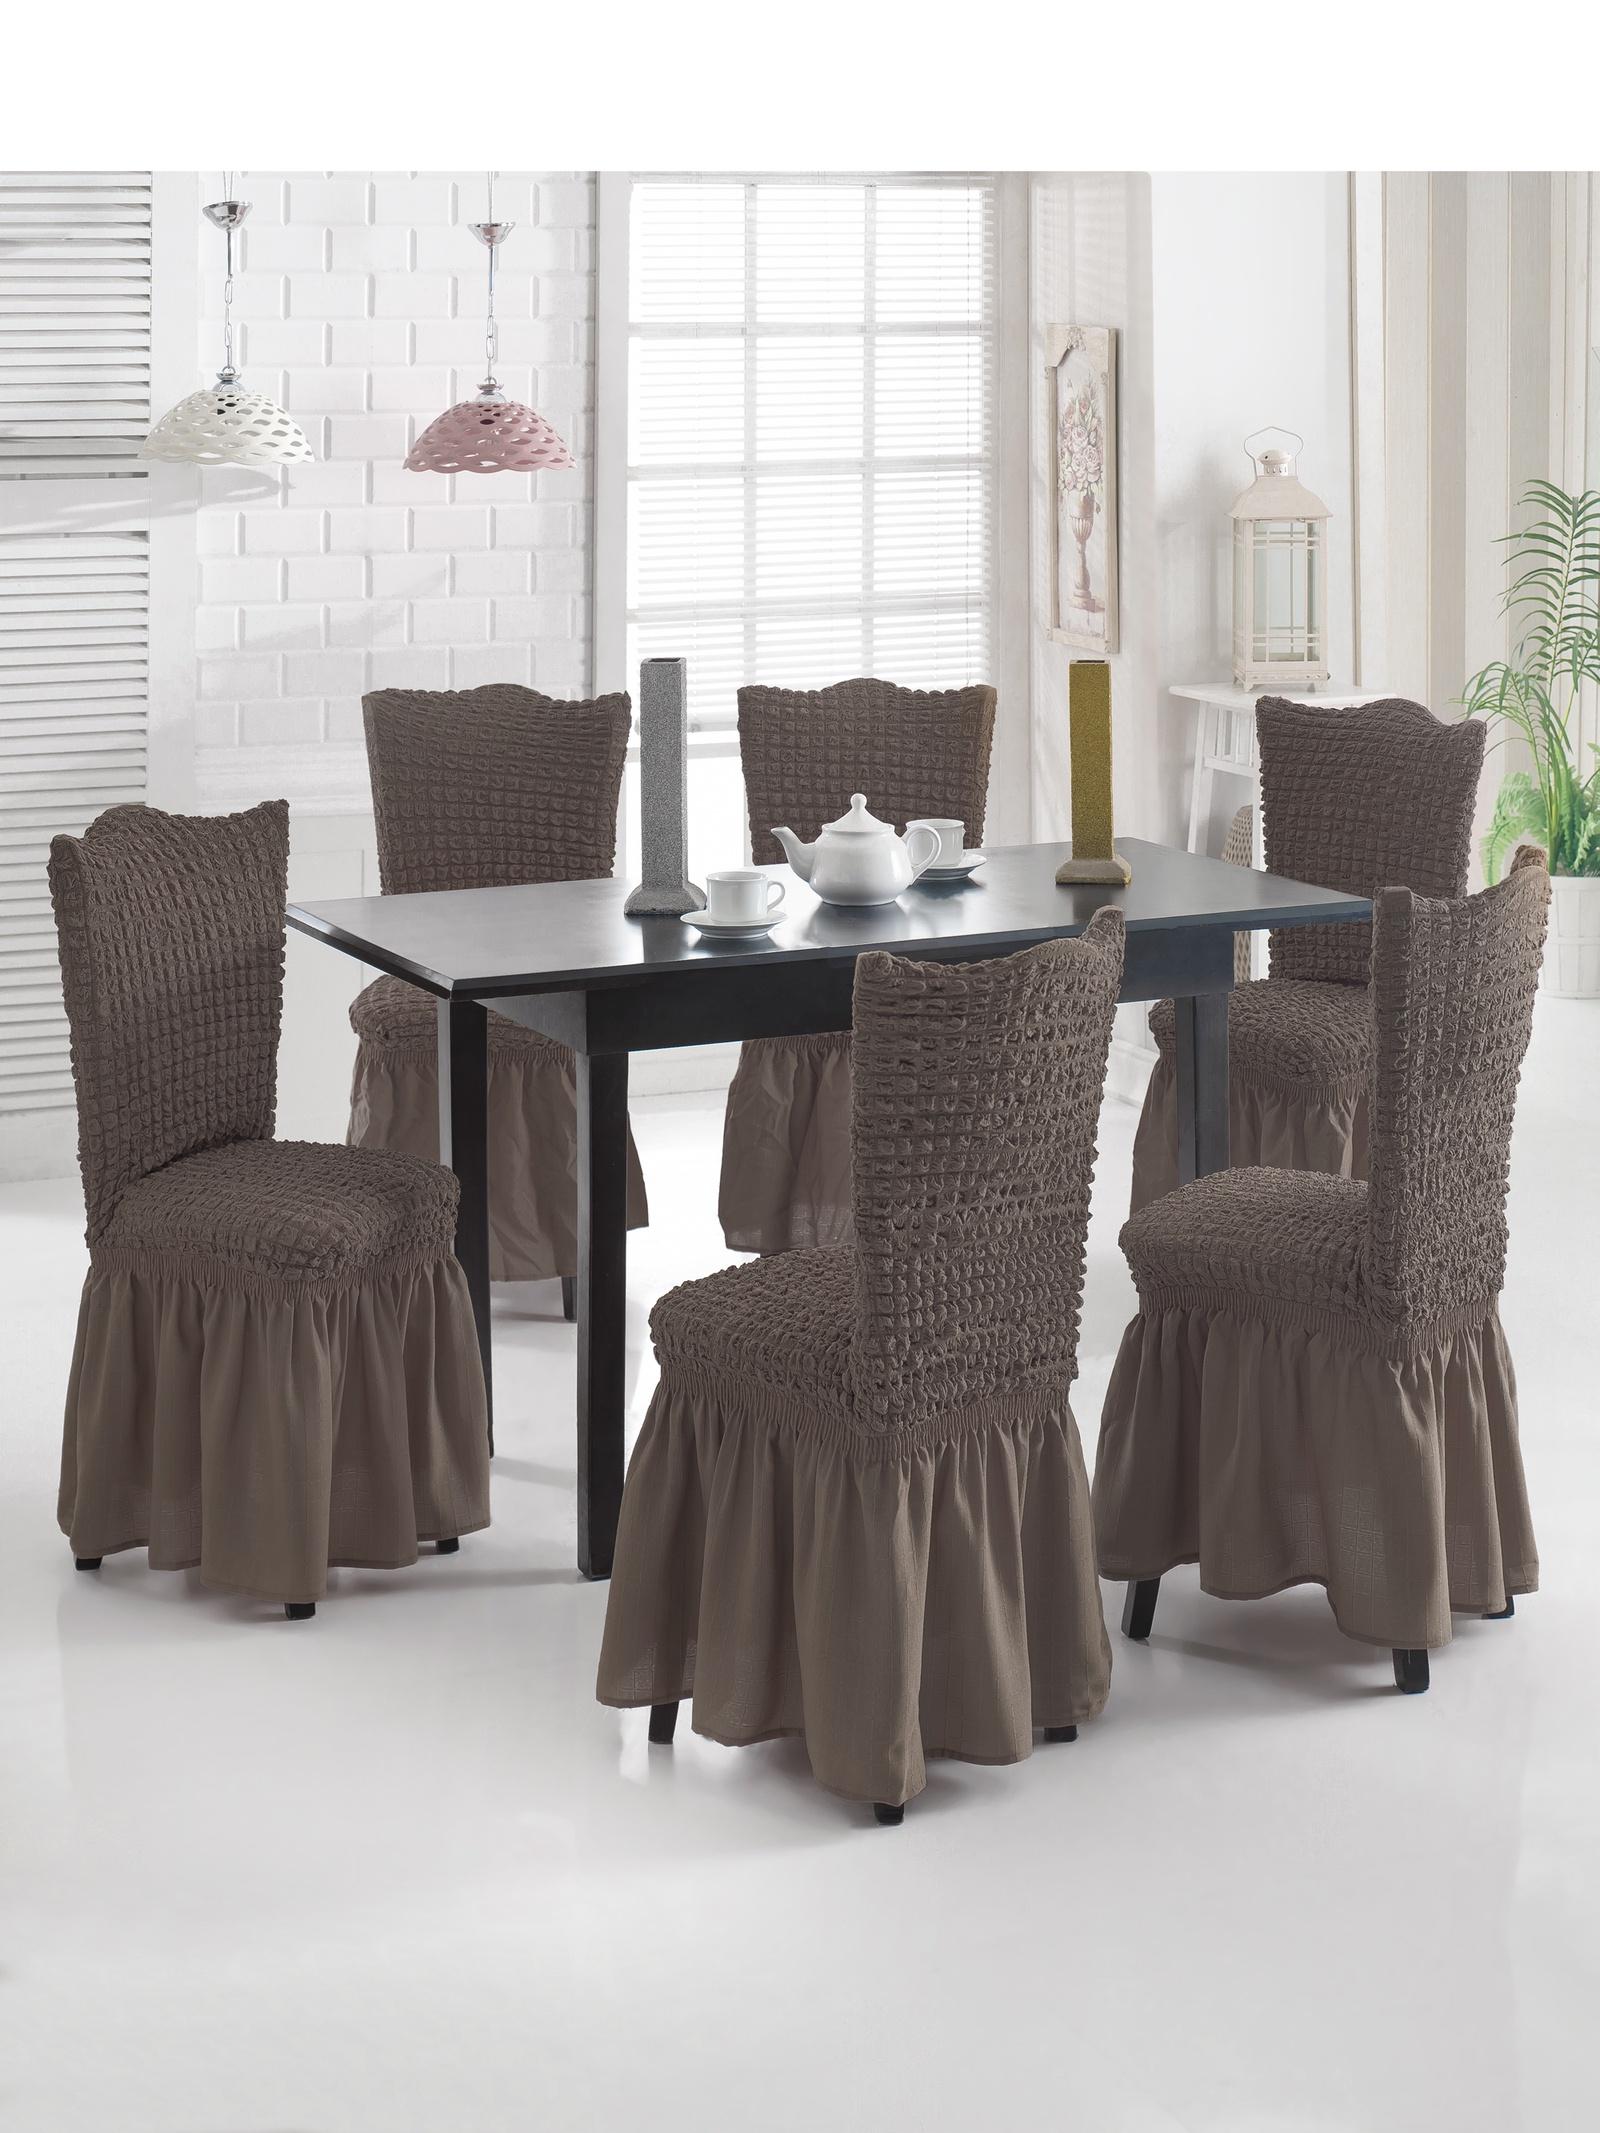 Чехол на мебель JUANNA Чехлы на стулья (6 шт.) JUANNA_ серый_коричневый, коричневый, серый